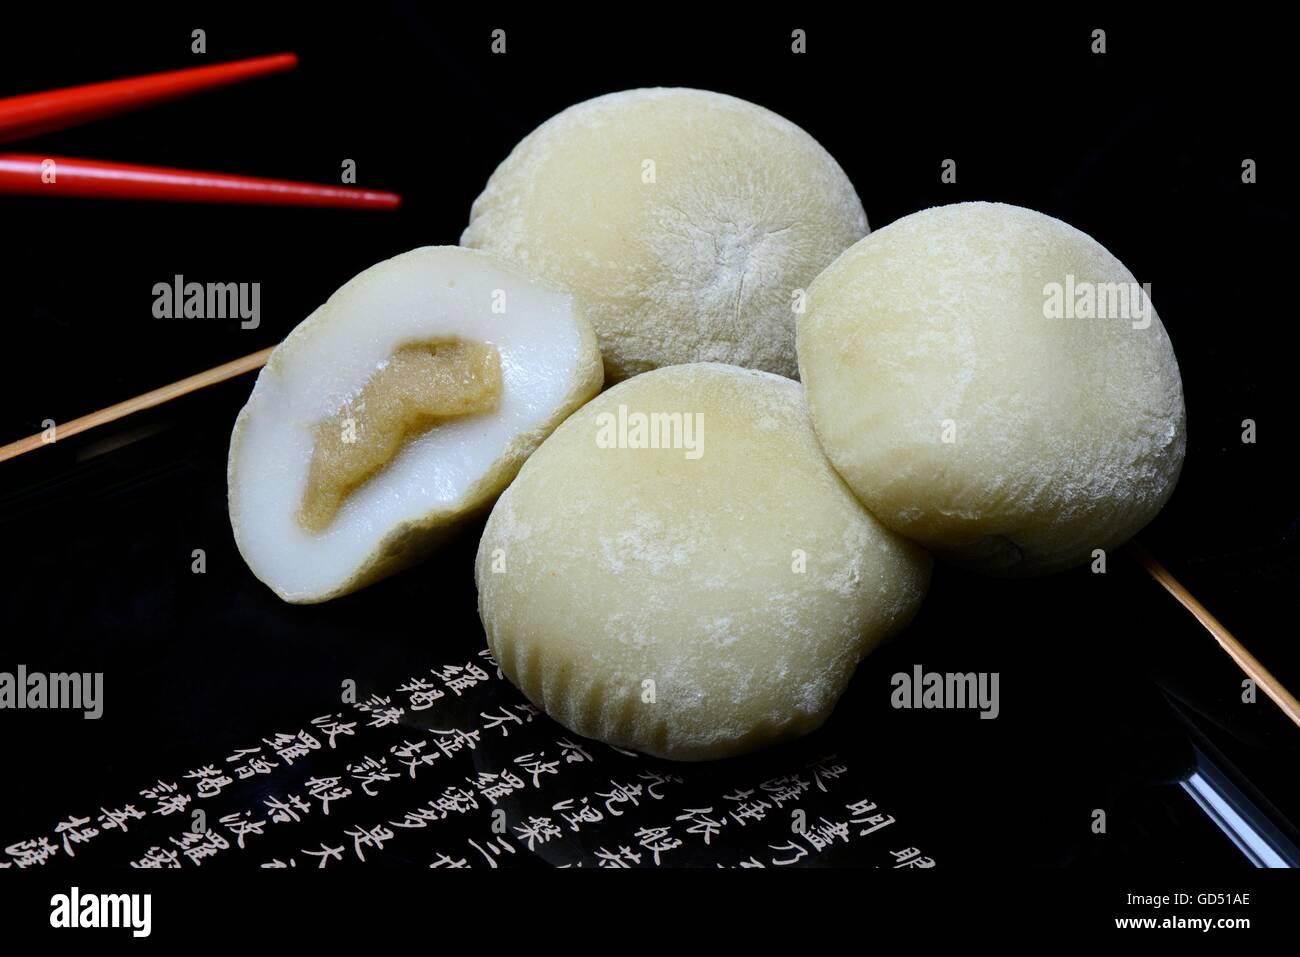 Mochi mit Essstaebchen, Japanischer Klebreiskuchen mit Gruener Tee-Geschmack, asiatische Suesswarenspezialitaet - Stock Image